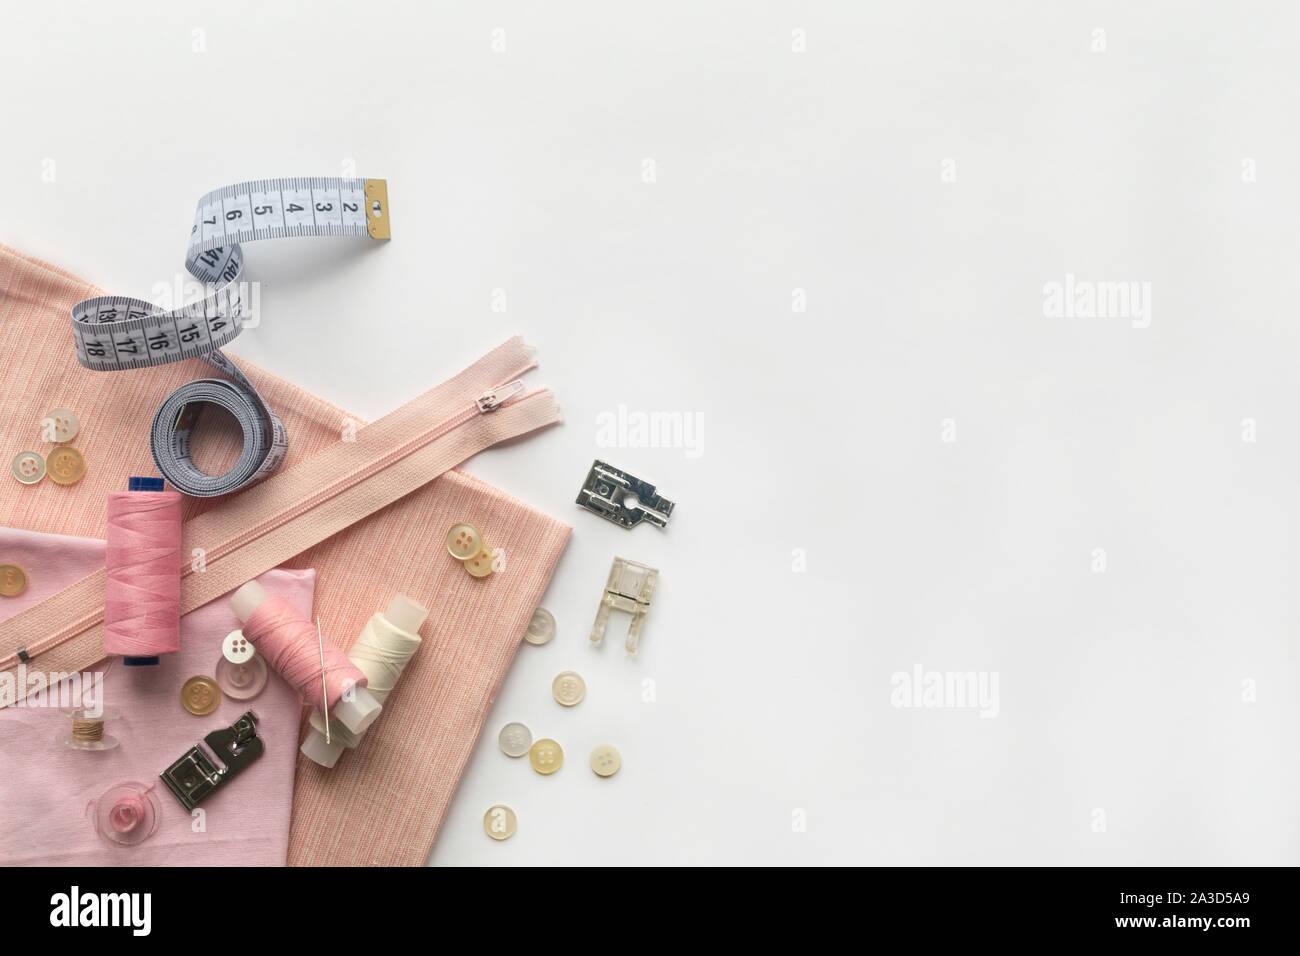 Nähzubehör und Stoff auf einem weißen Hintergrund. Nadeln, Knöpfe, Stoff, Nähgarne und nähen Zentimeter. top Aussicht, flatlay Stockfoto